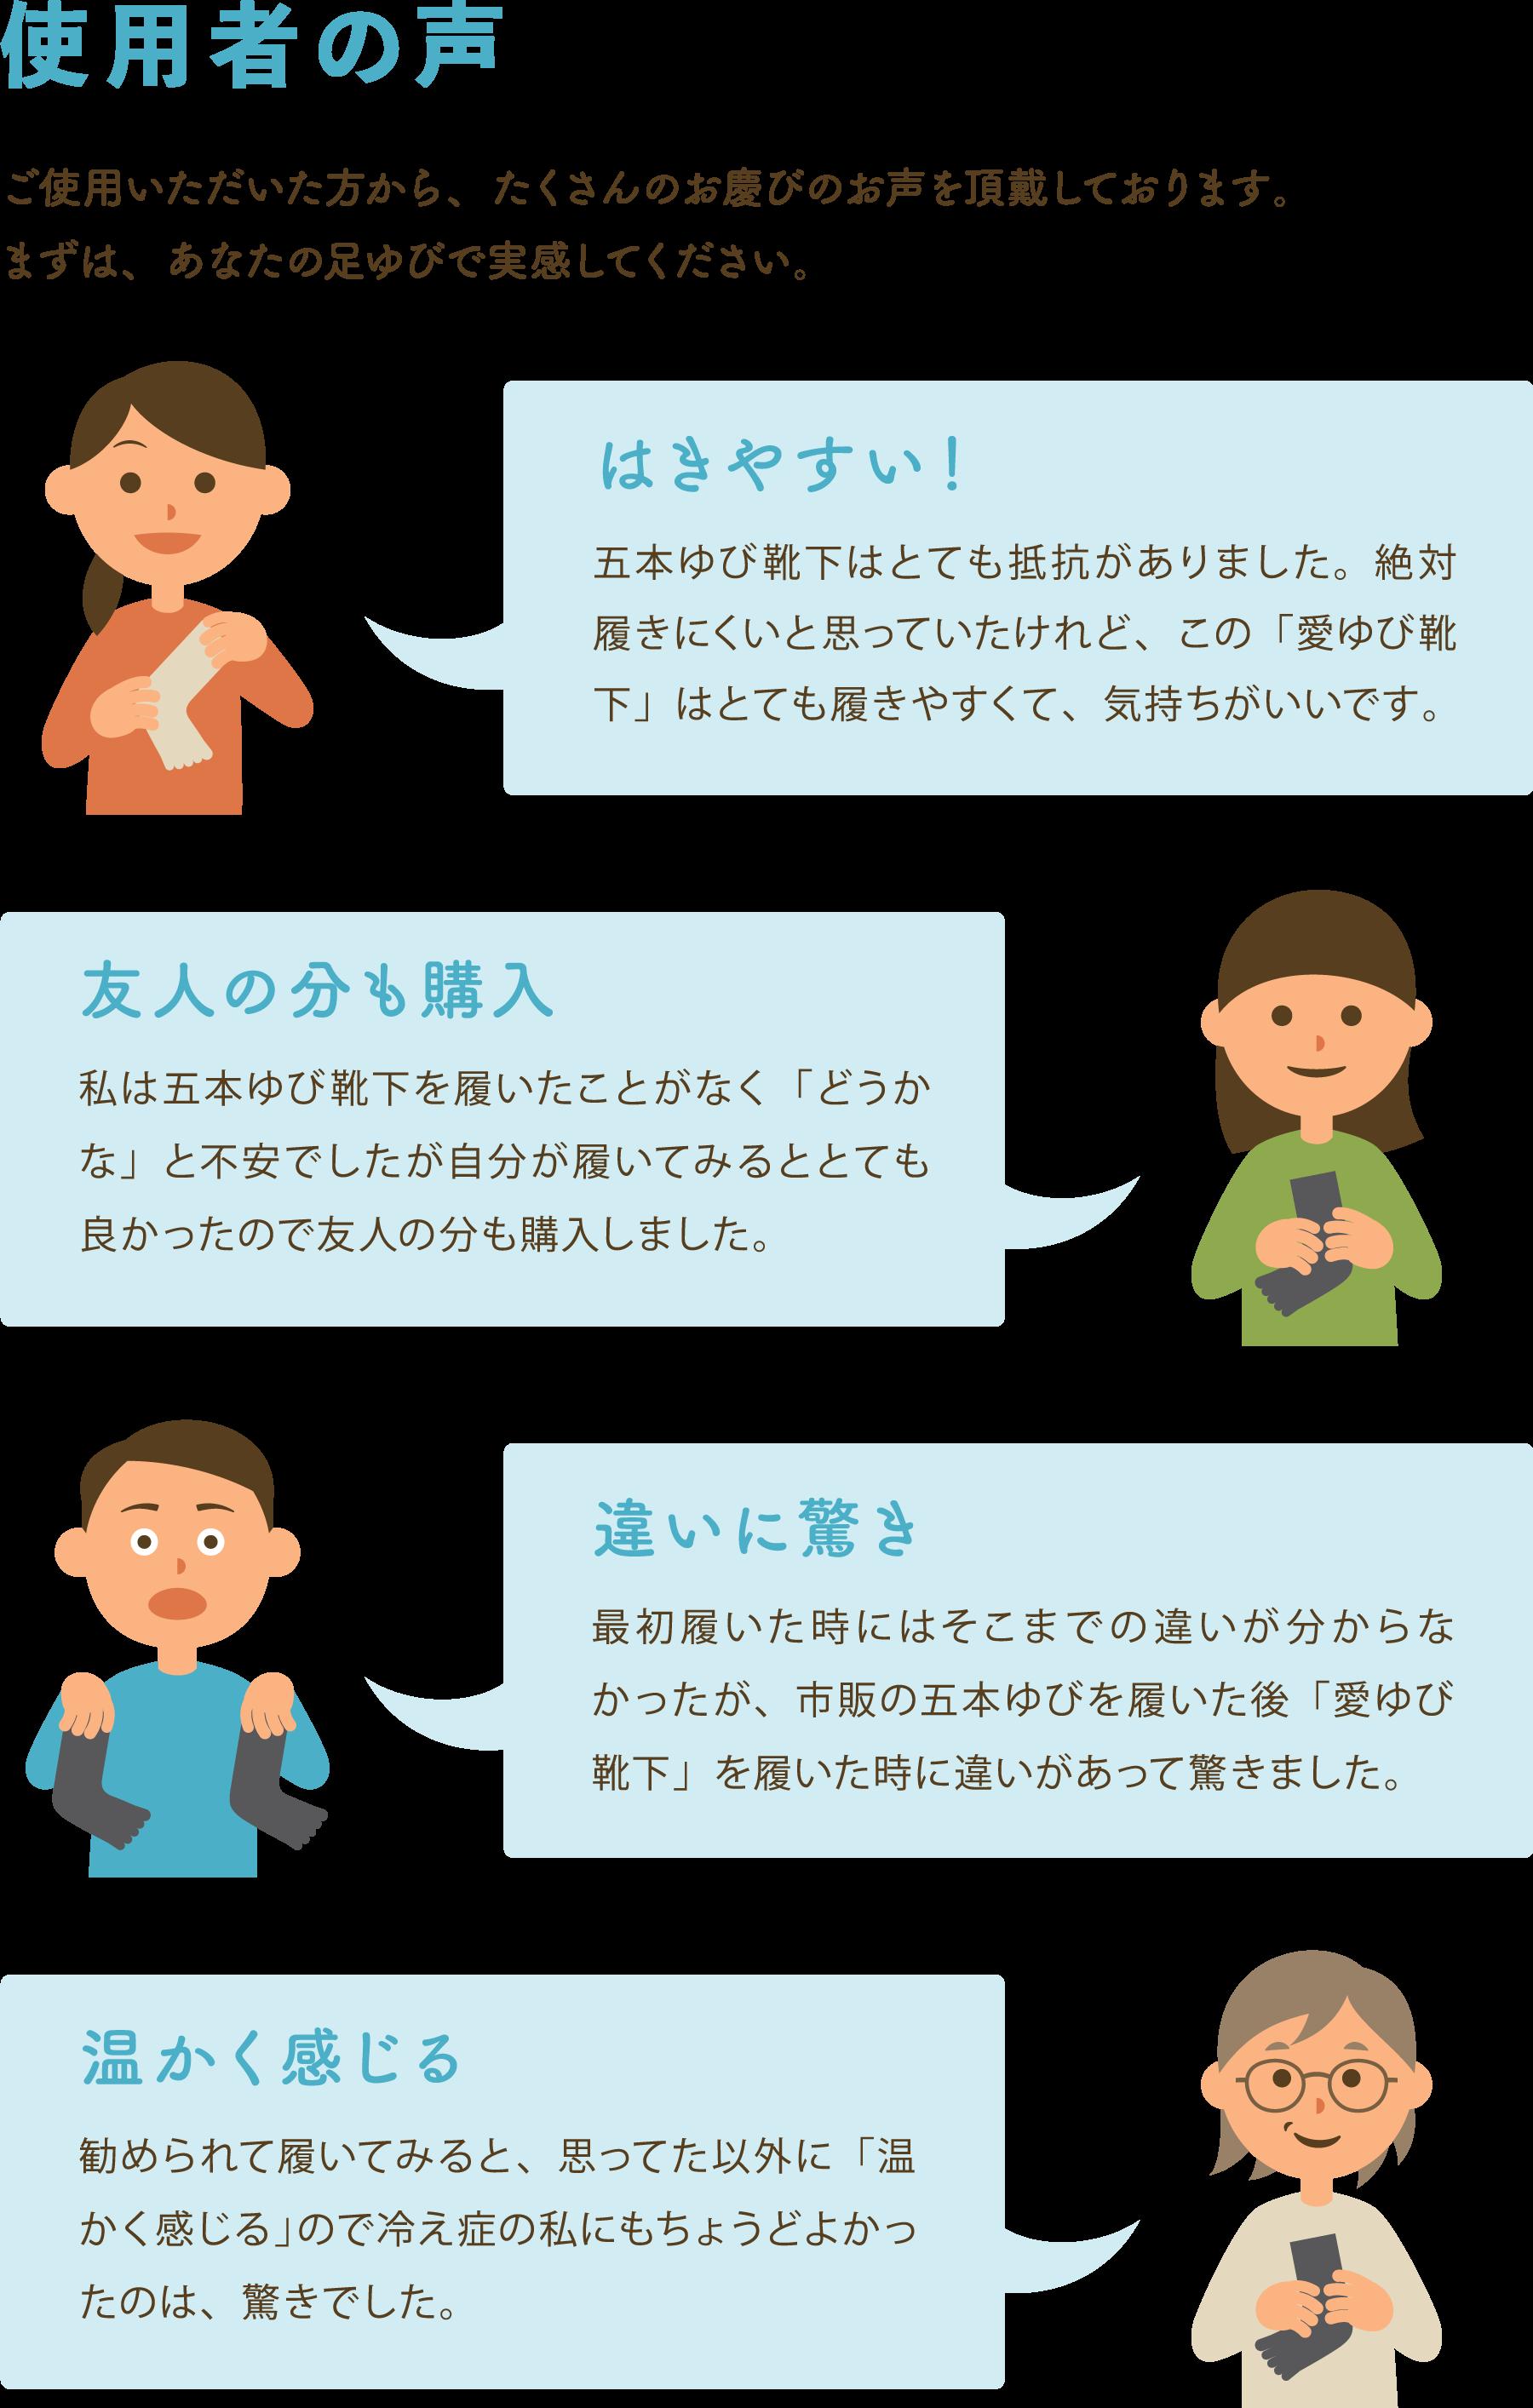 feedback-image